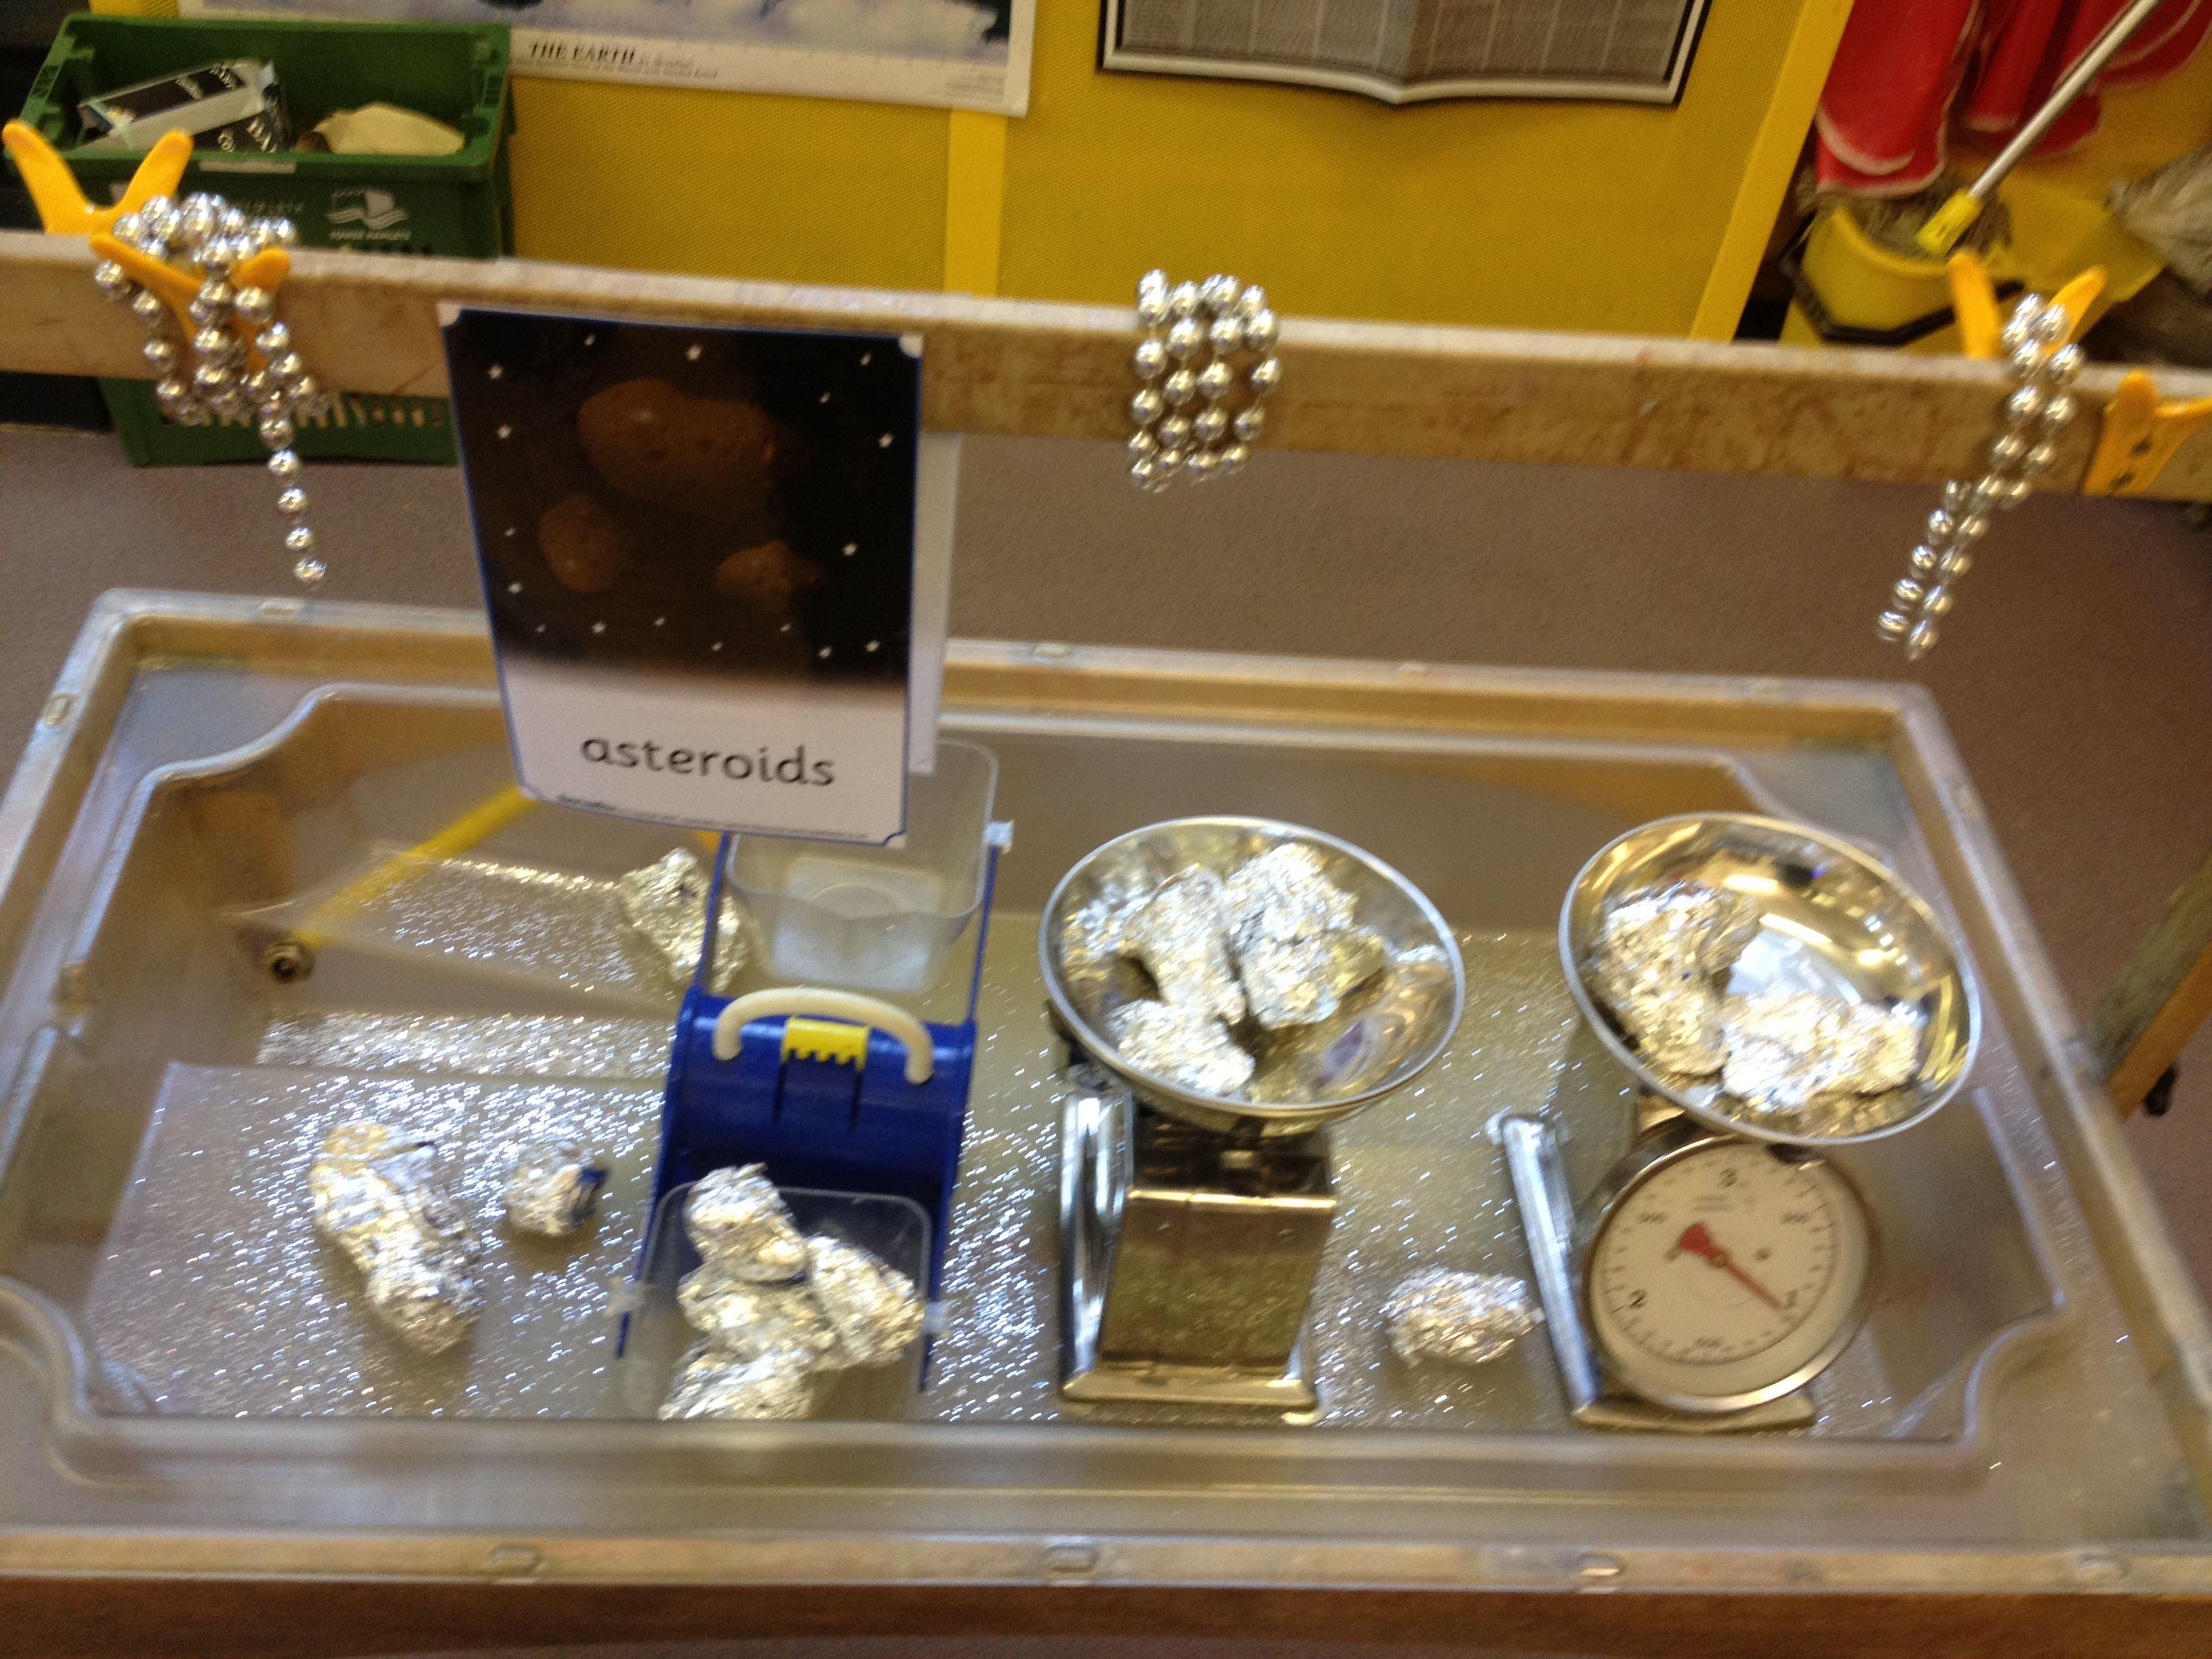 Weighing Moon Rocks